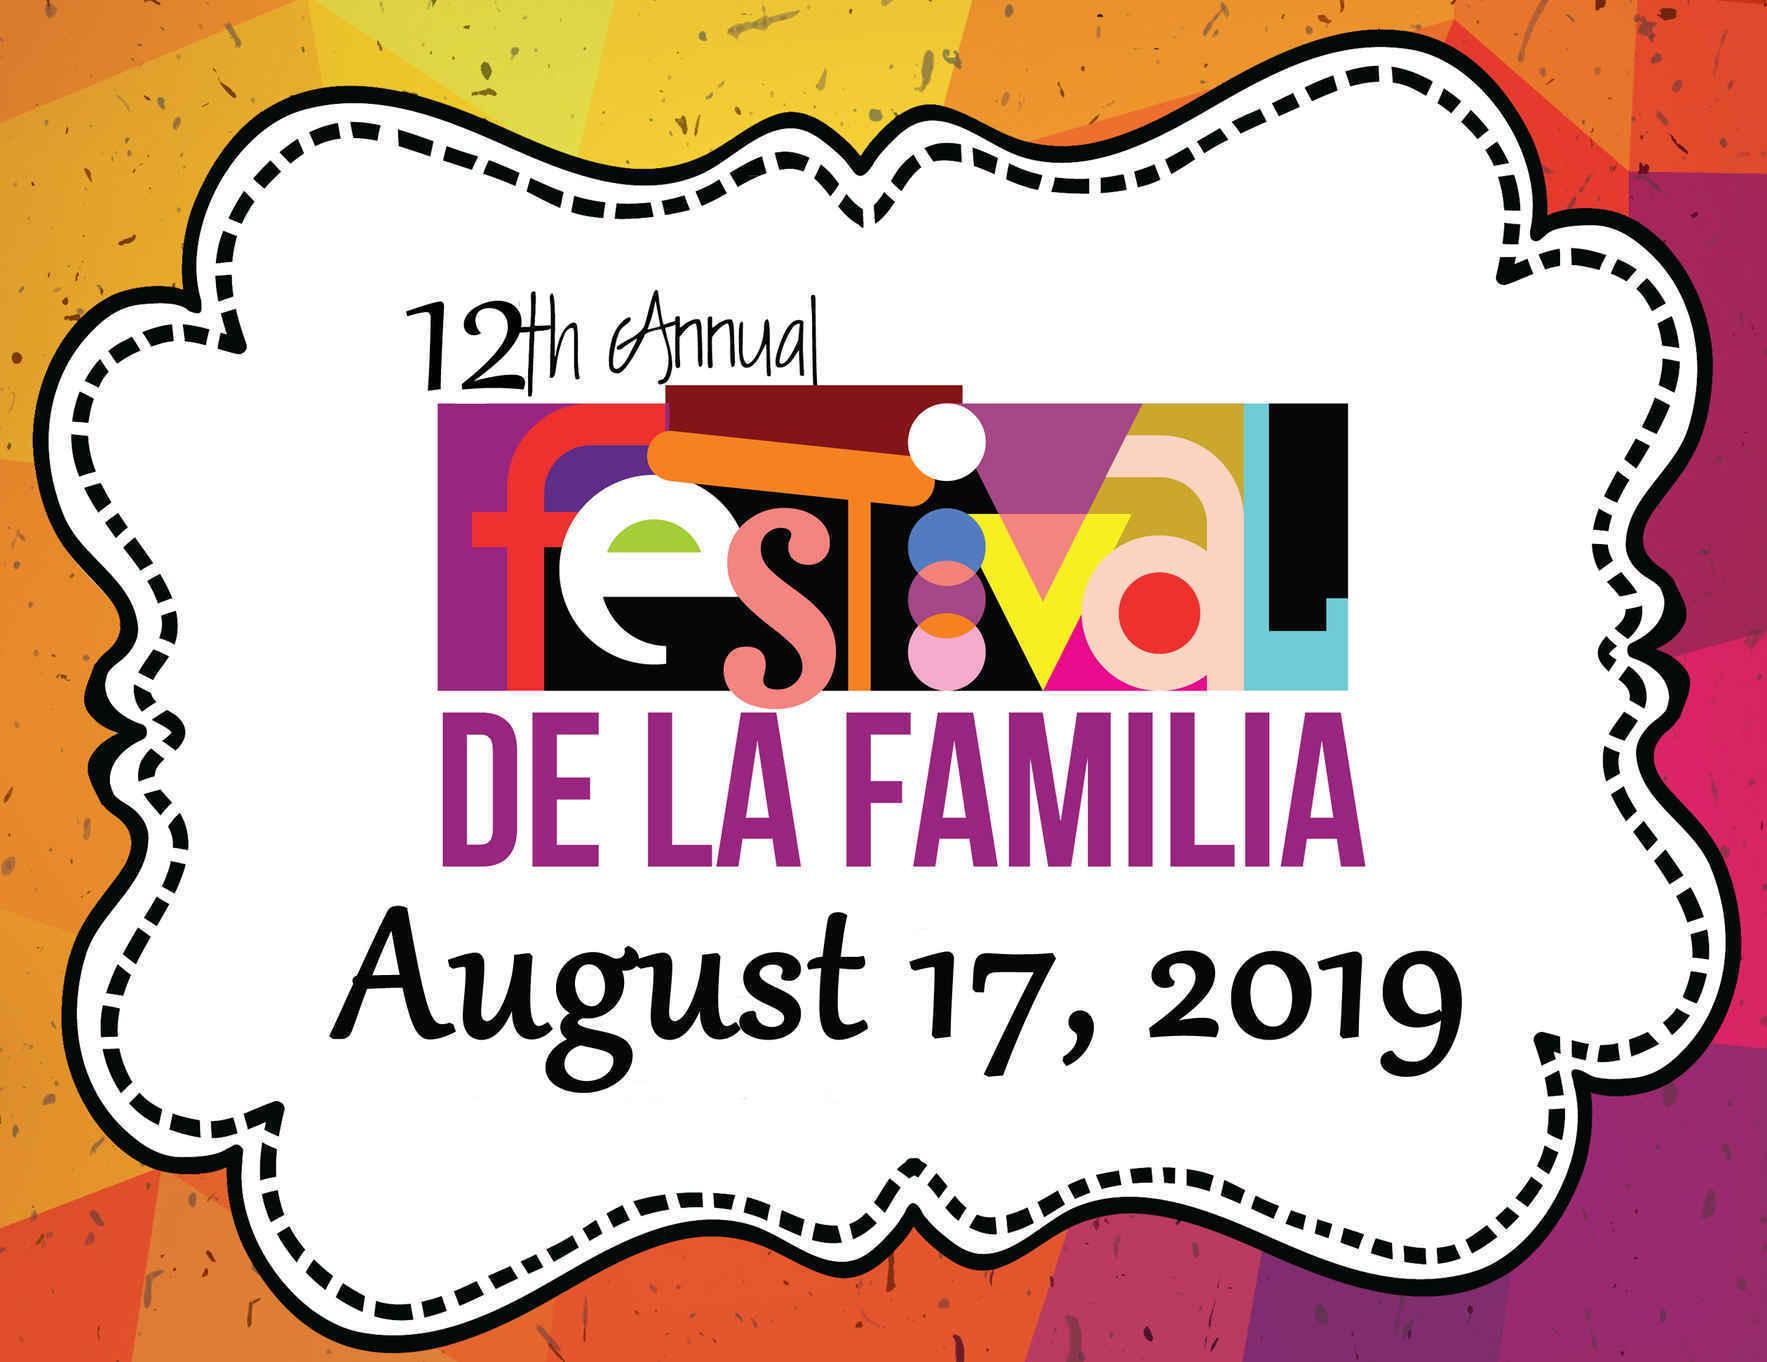 12th Annual Festival de la Familia image